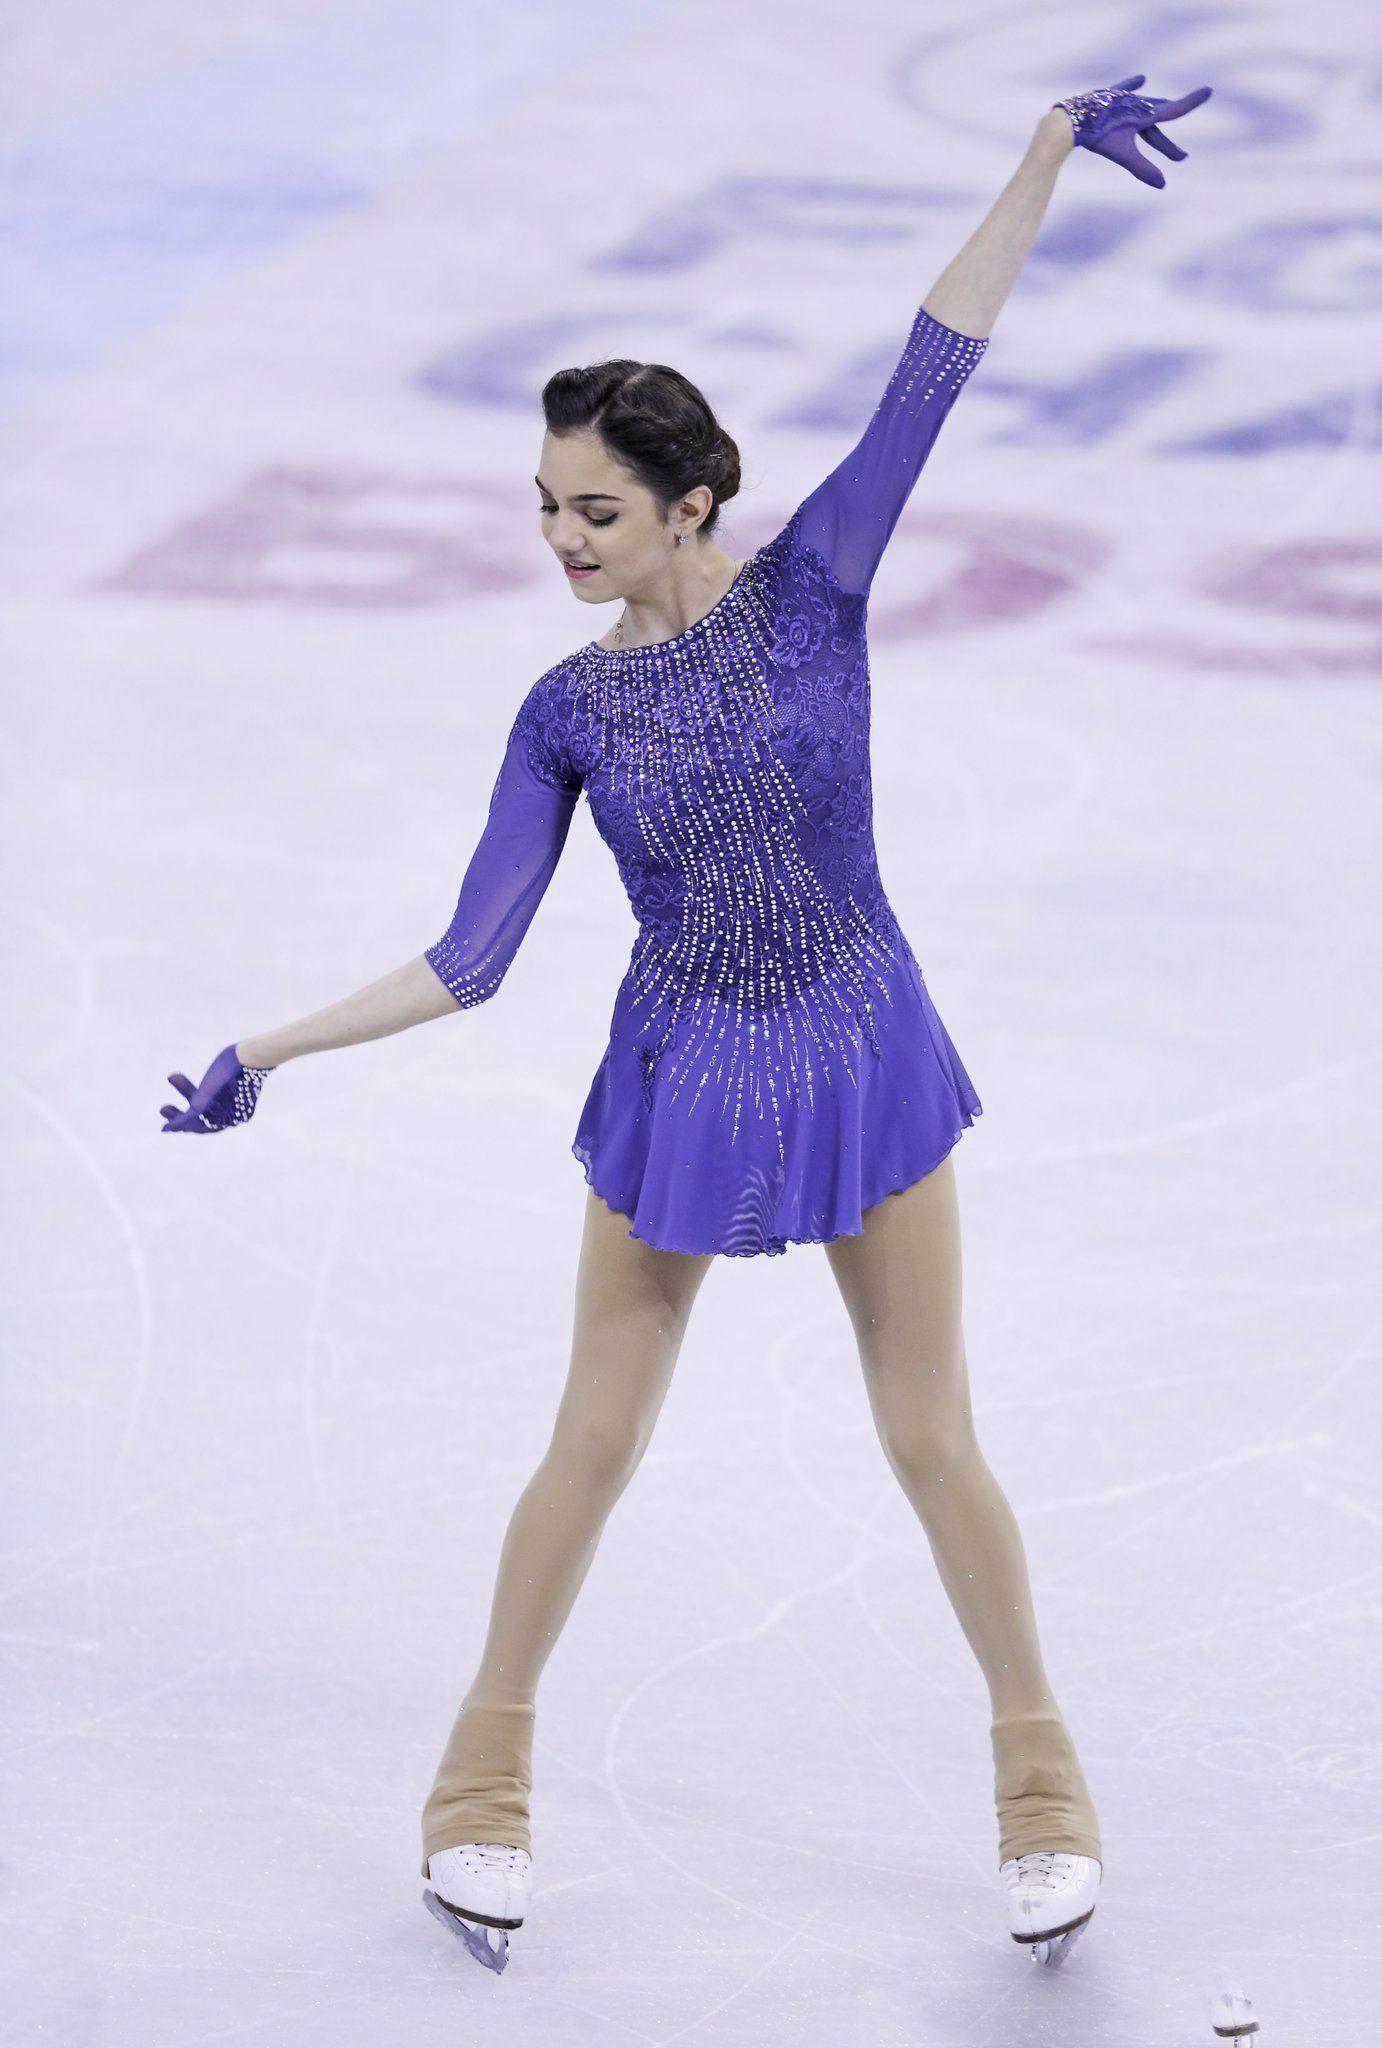 Евгения Медведева - 2 - Страница 3 в 2020 г | Одежда для скейтинга, Катание  на коньках, Фигурное катание